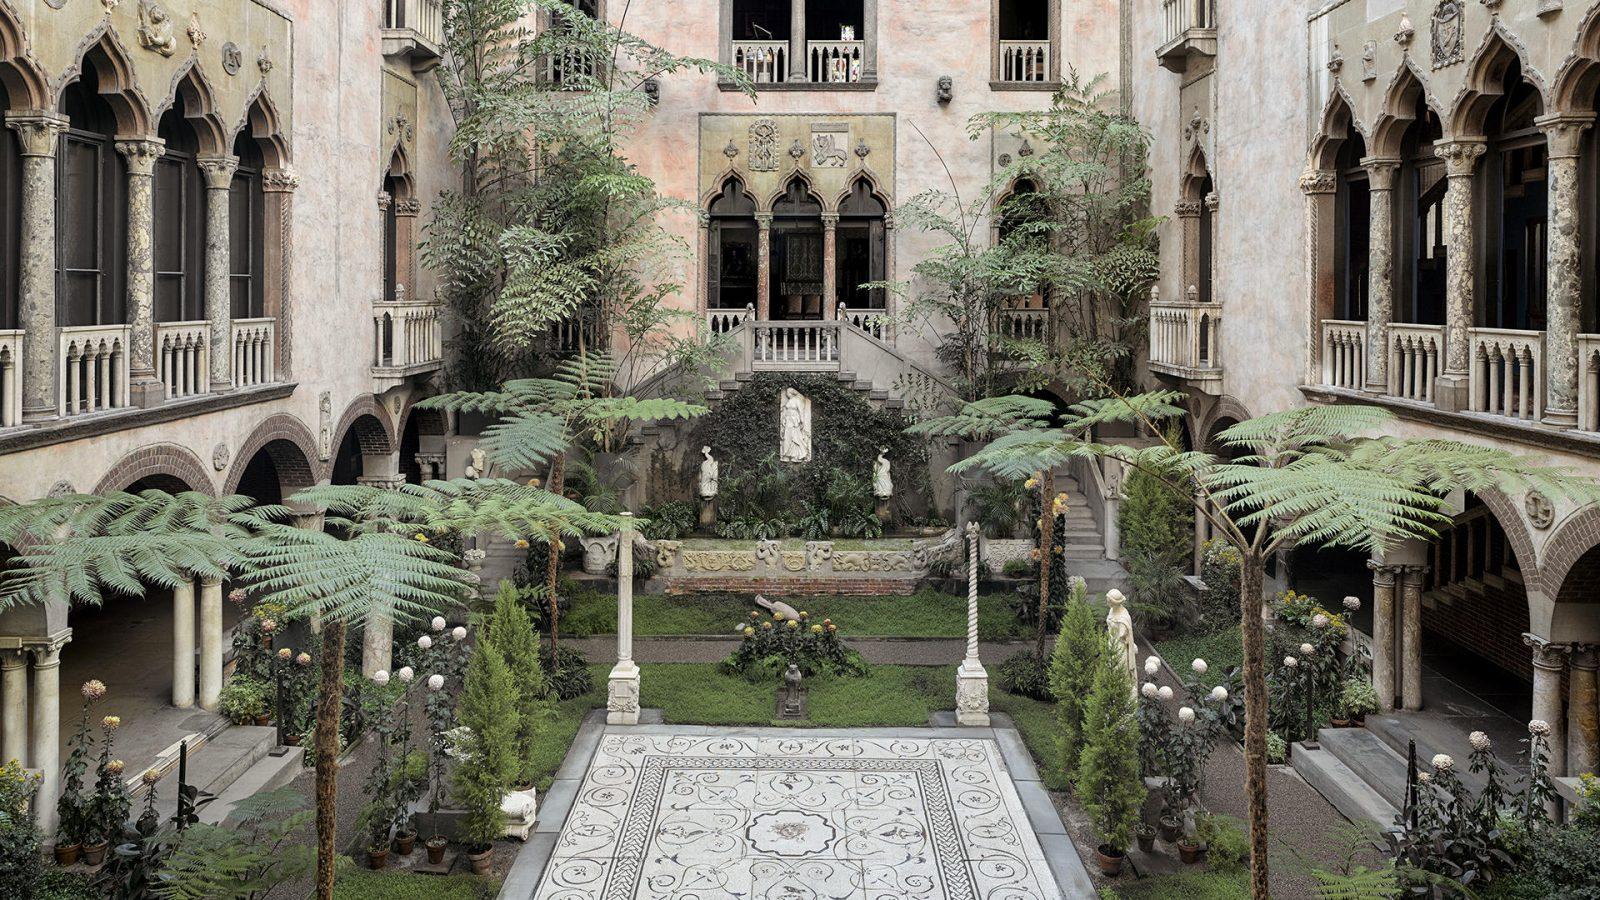 Courtyard, Isabella Stewart Gardner Museum, Boston. Photo: Sean Dungan